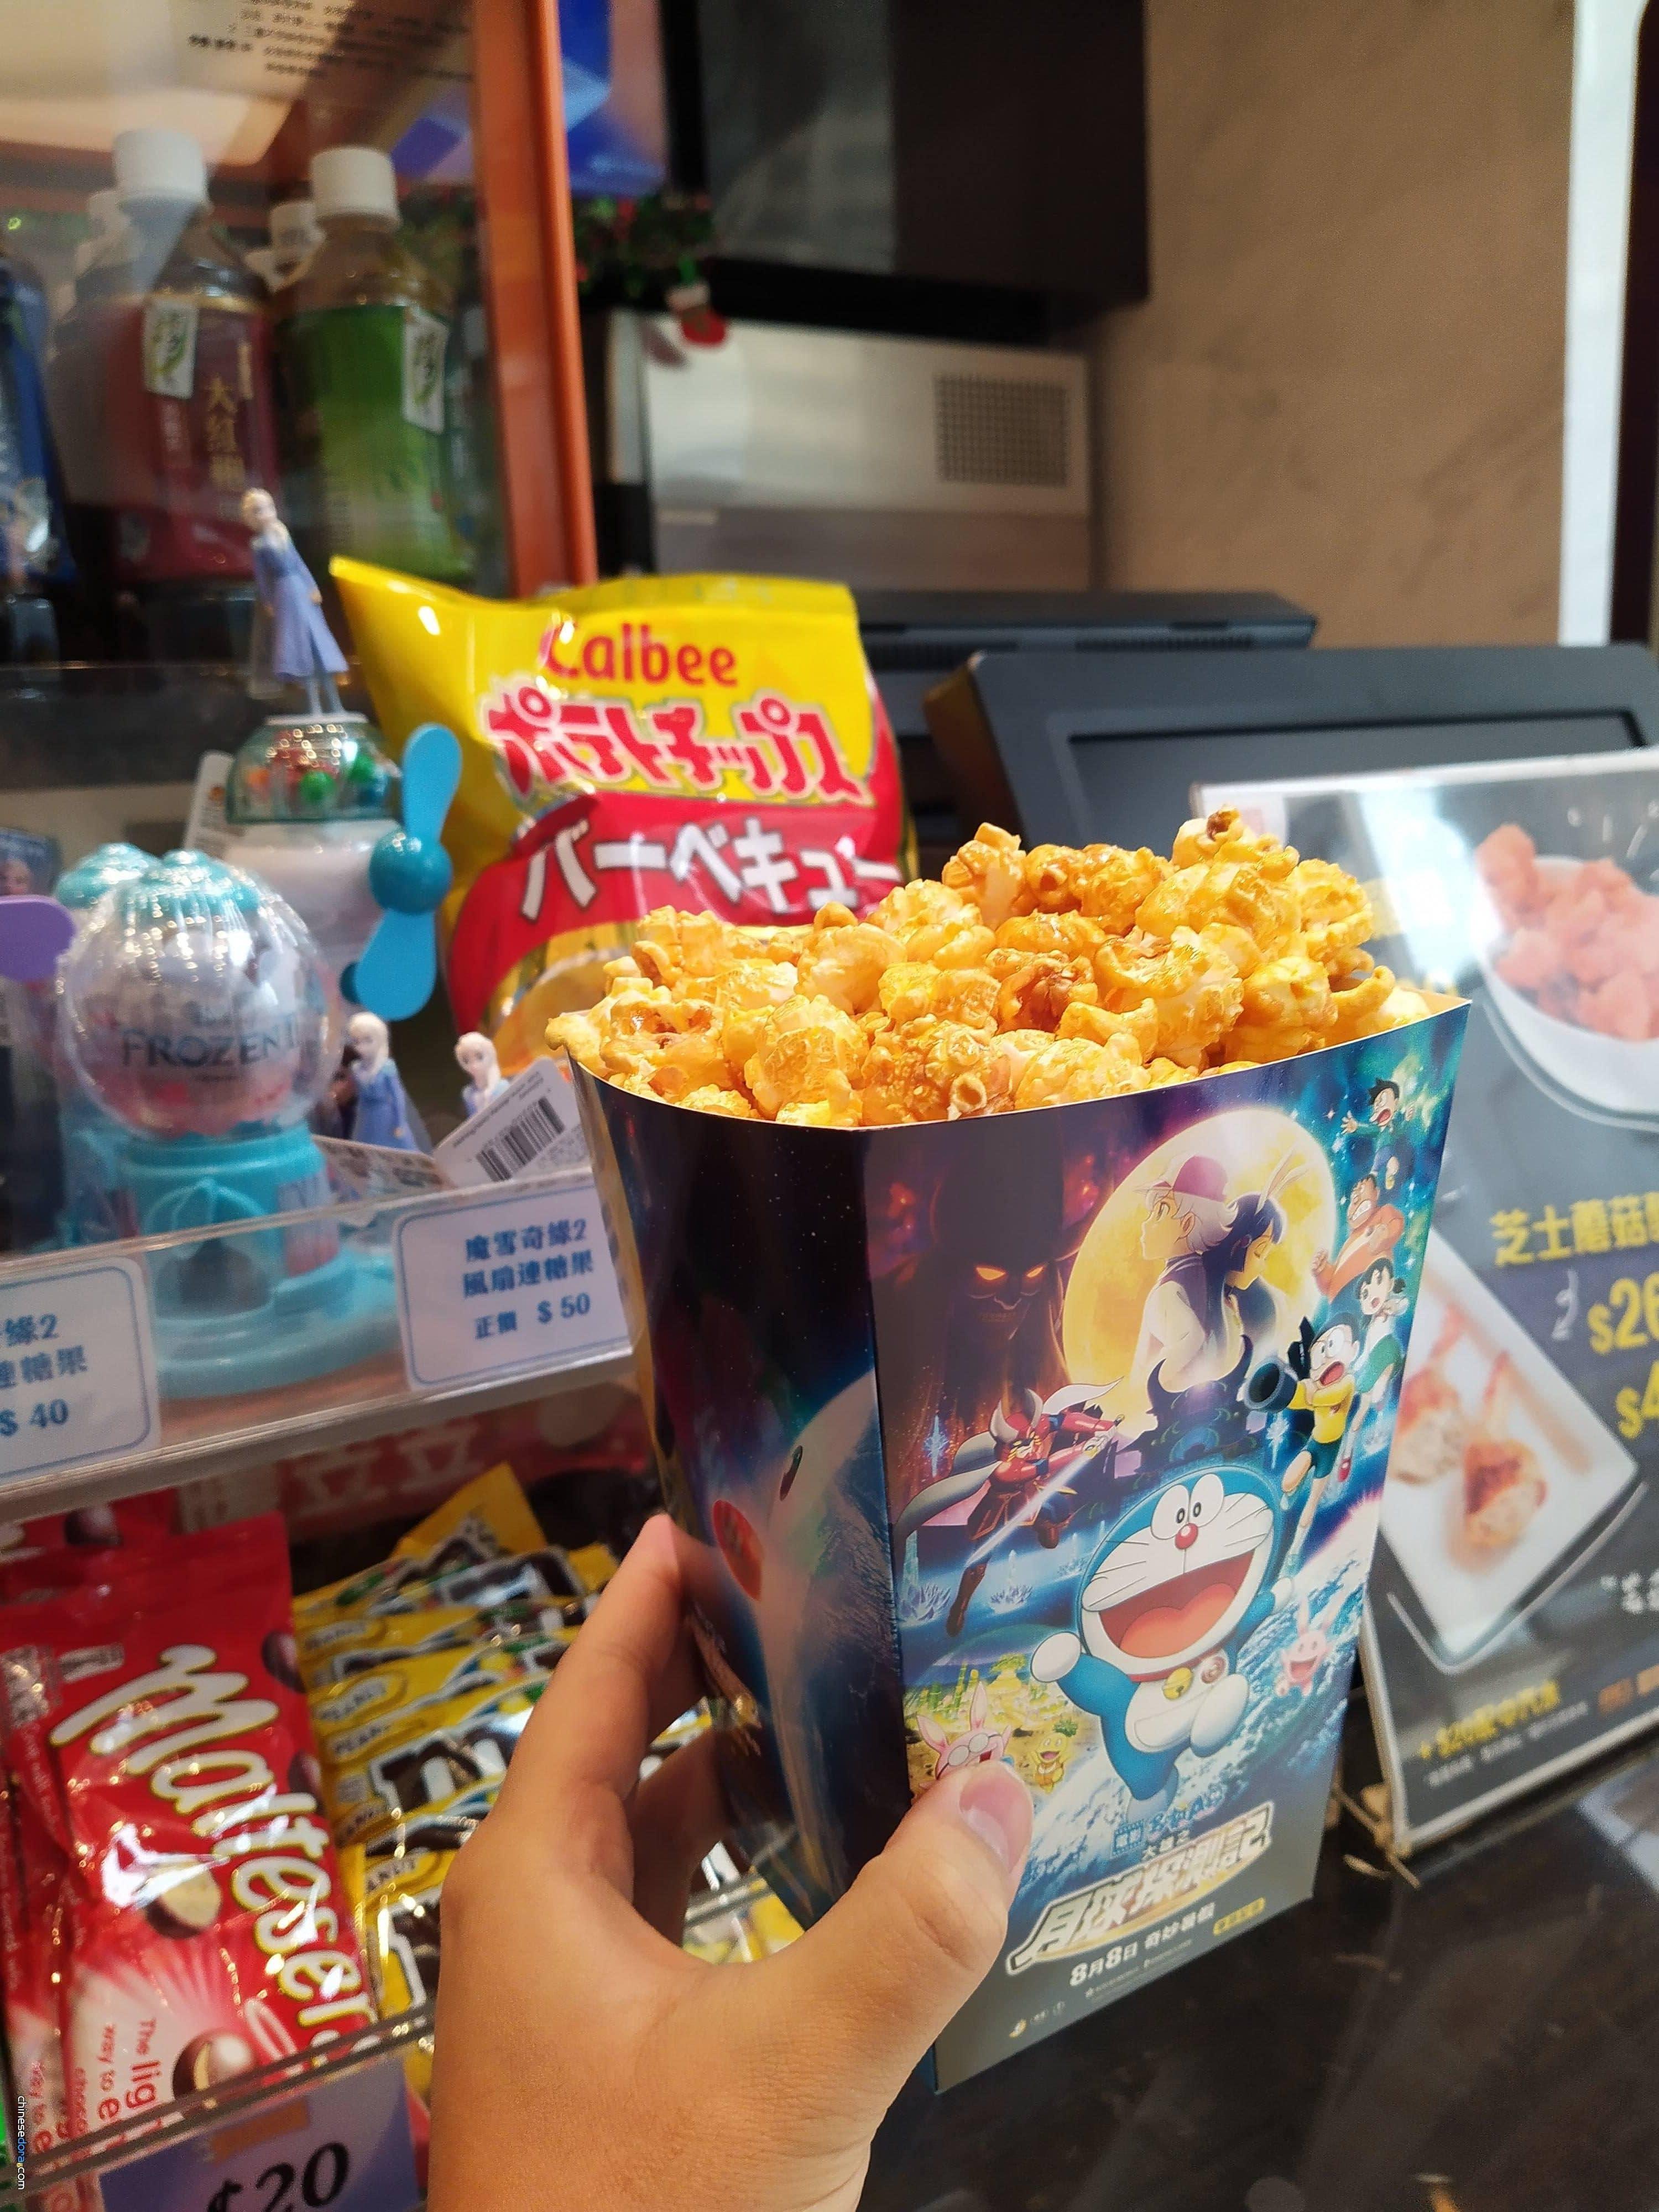 [香港] 《大雄之月球探測記》上映期雖過 MCL 戲院仍有港版獨有的爆谷紙盒!?